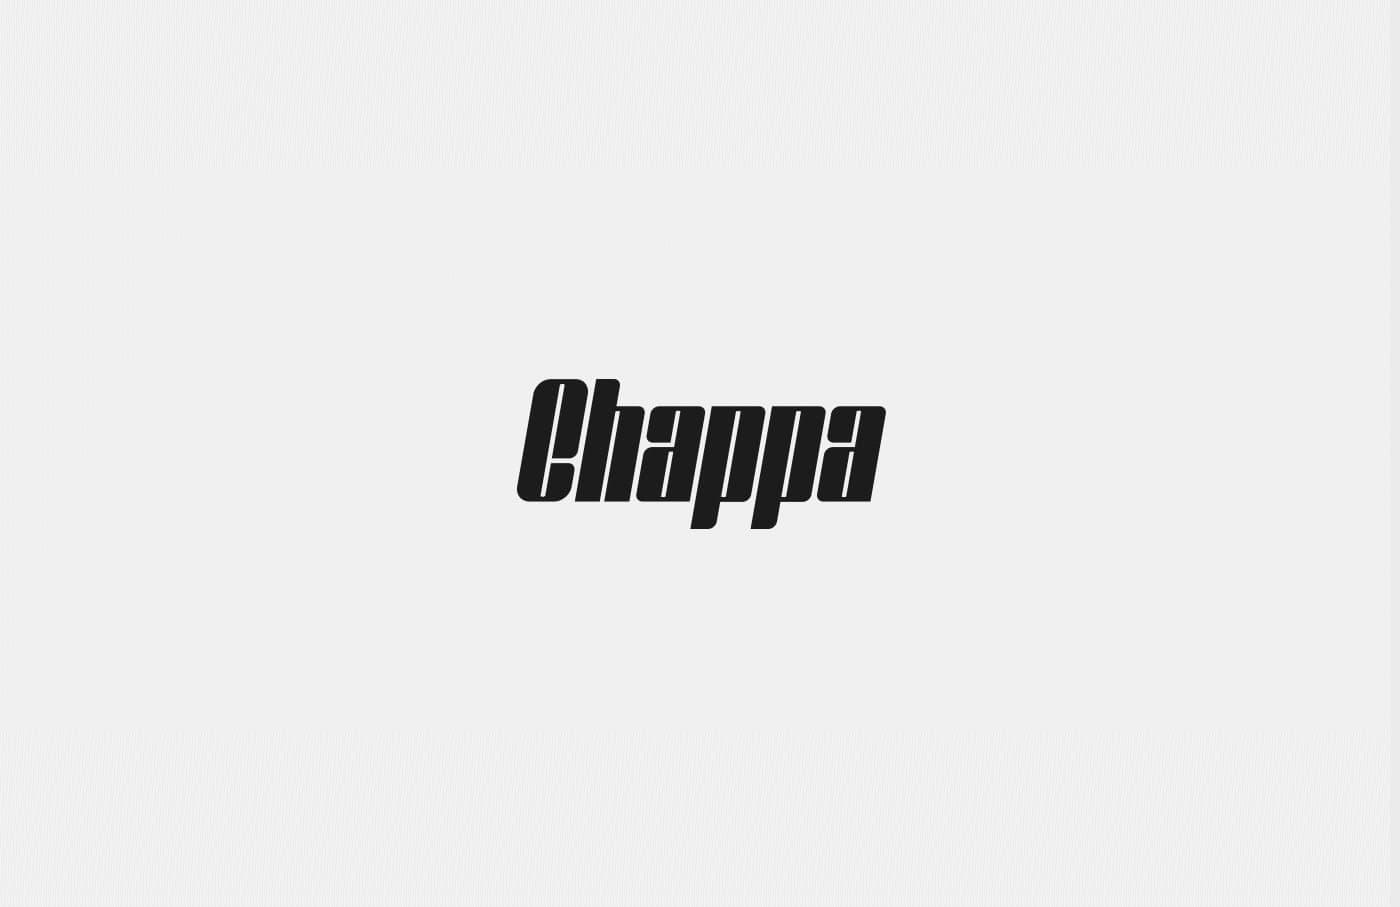 Chappa шрифт скачать бесплатно